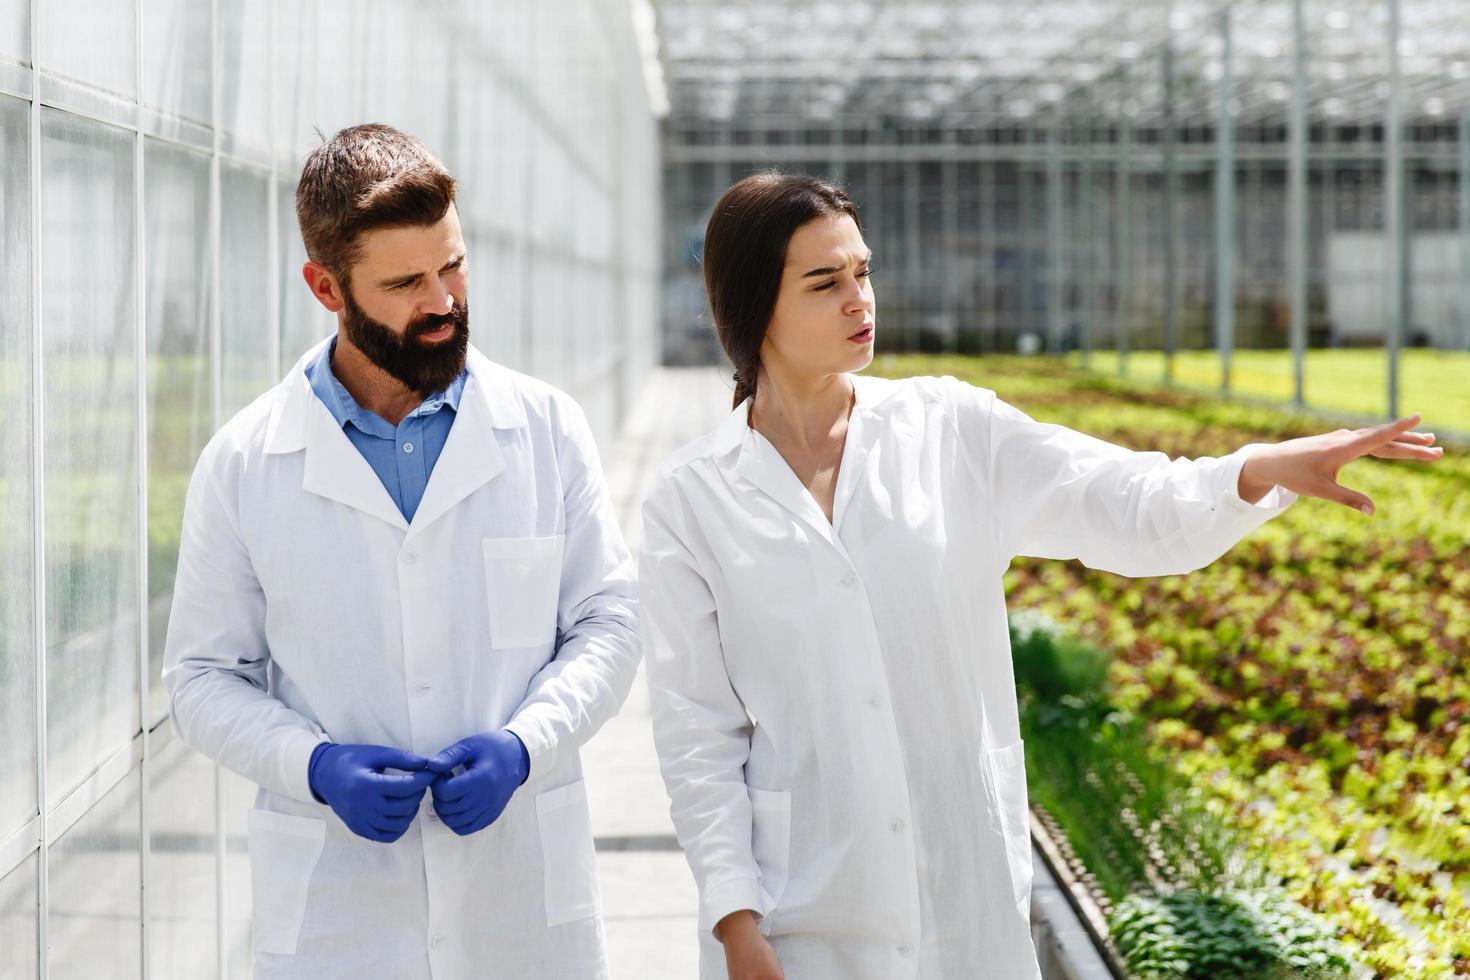 dois pesquisadores em vestes de laboratório caminham ao redor da estufa foto